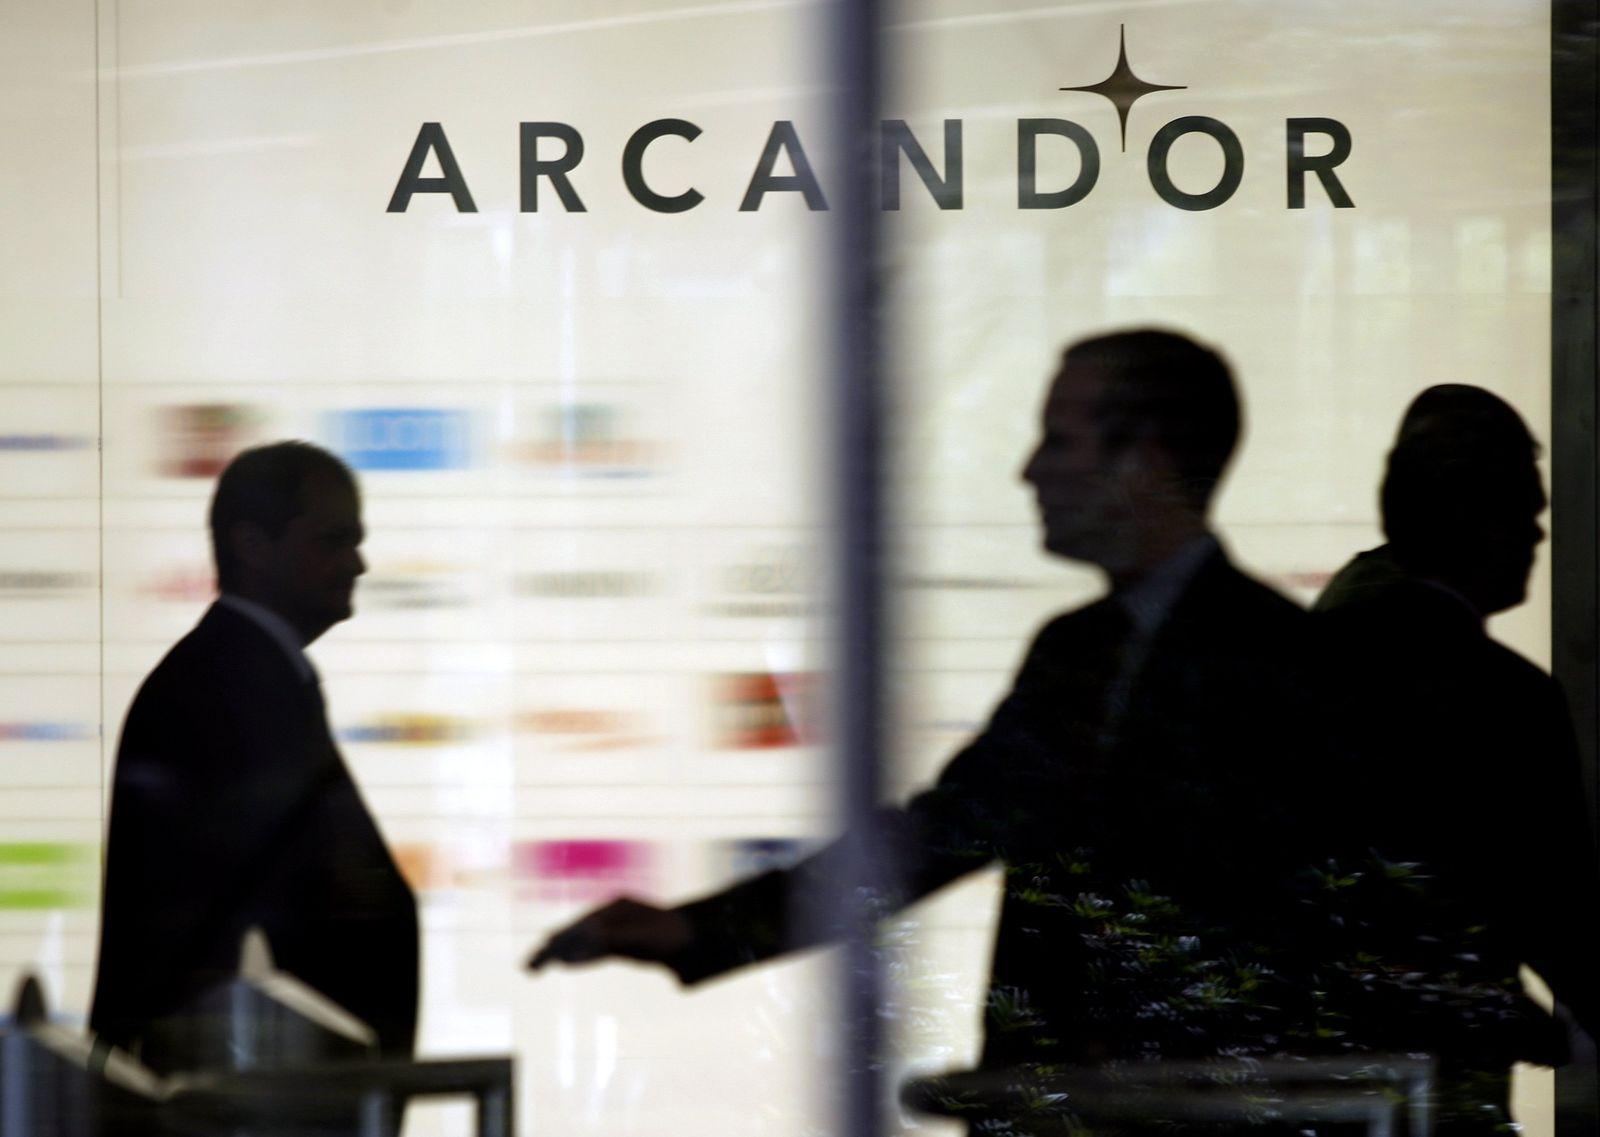 Über Arcandor-Hilfen wird beraten